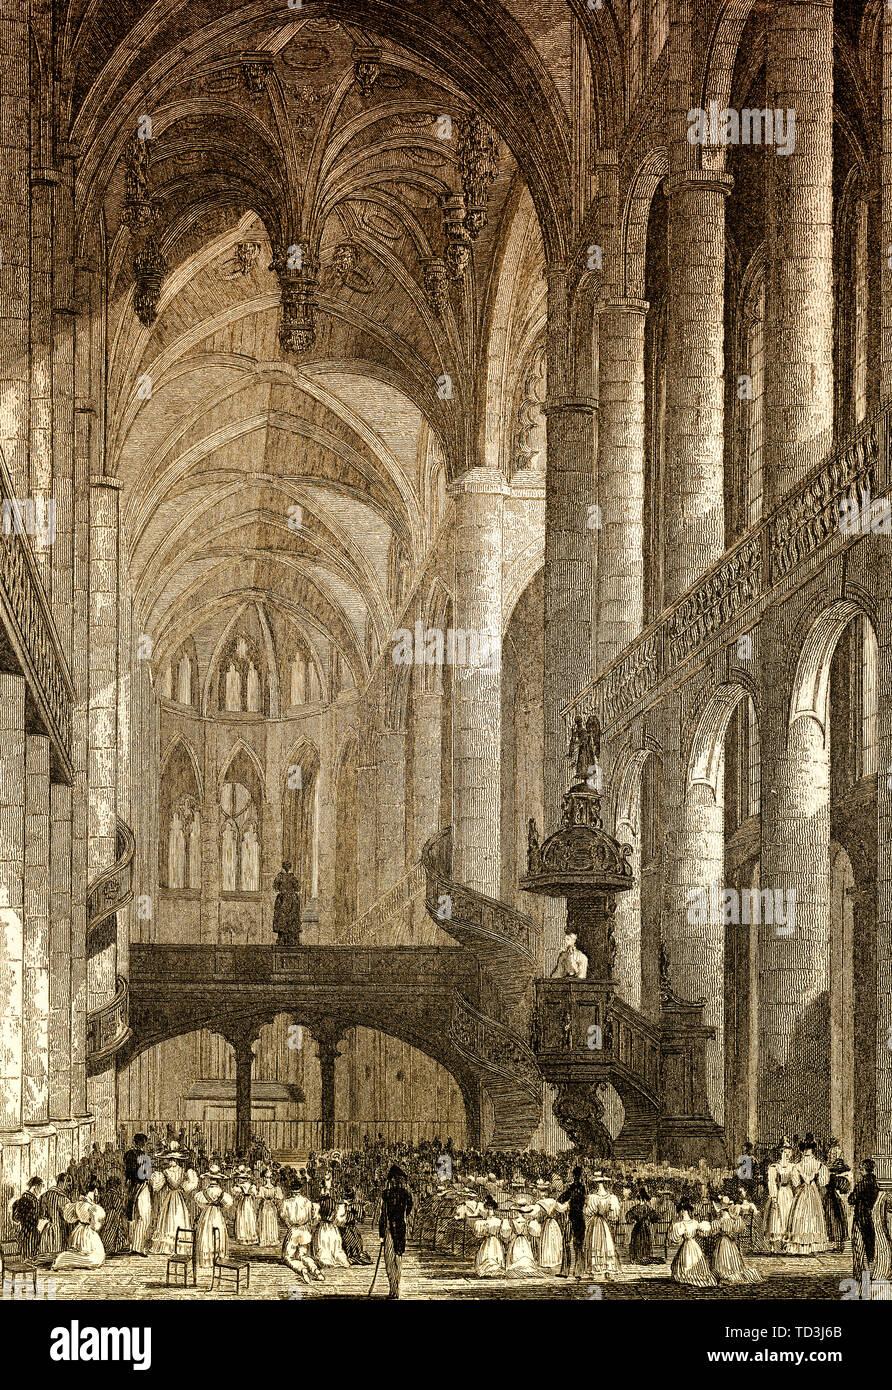 Church of St Etienne du Mont, Paris, antique steel engraved print, 1831 - Stock Image